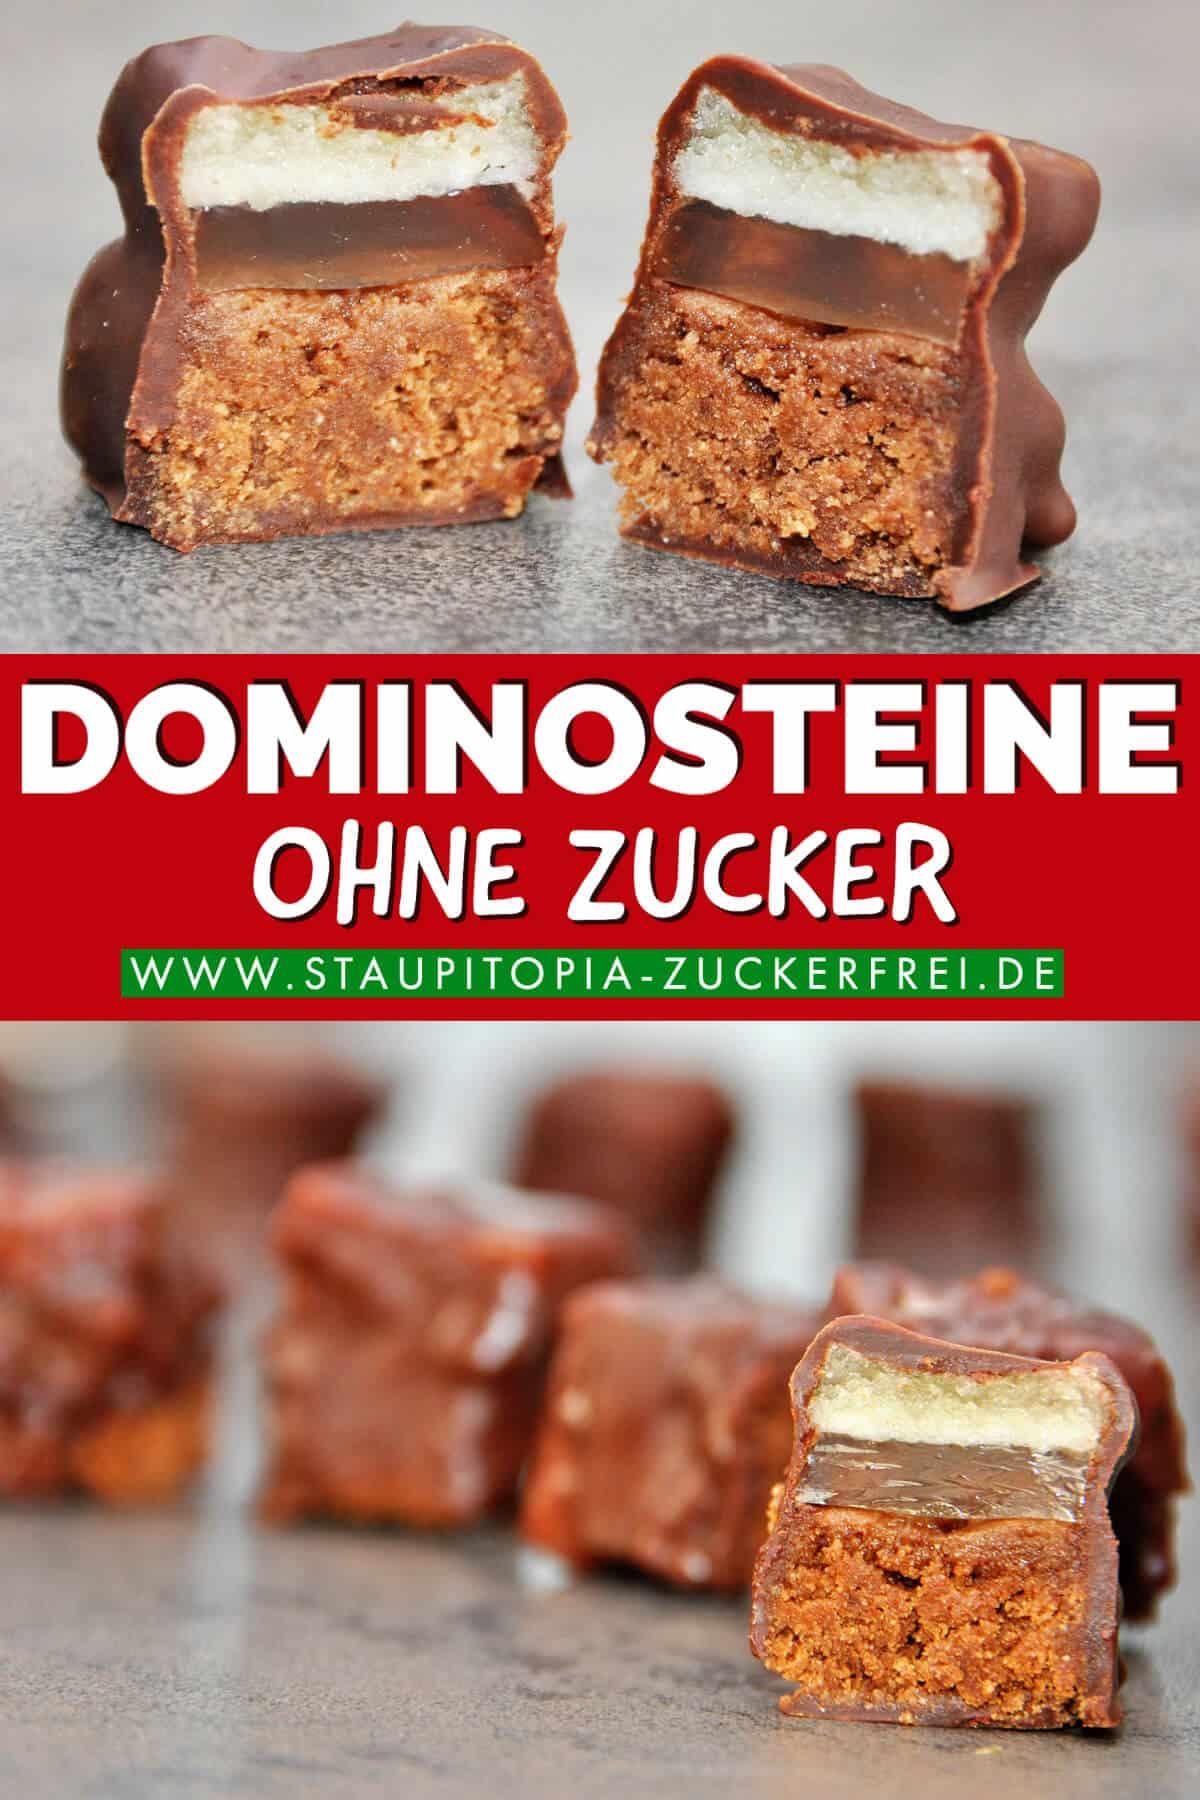 Wusstest du, dass du Dominosteine ohne Zucker und ohne Mehl, also vollständig Low Carb selber machen kannst? In diesem Rezept erfährst du, wie du die Low Carb Dominosteine selber machen kannst.